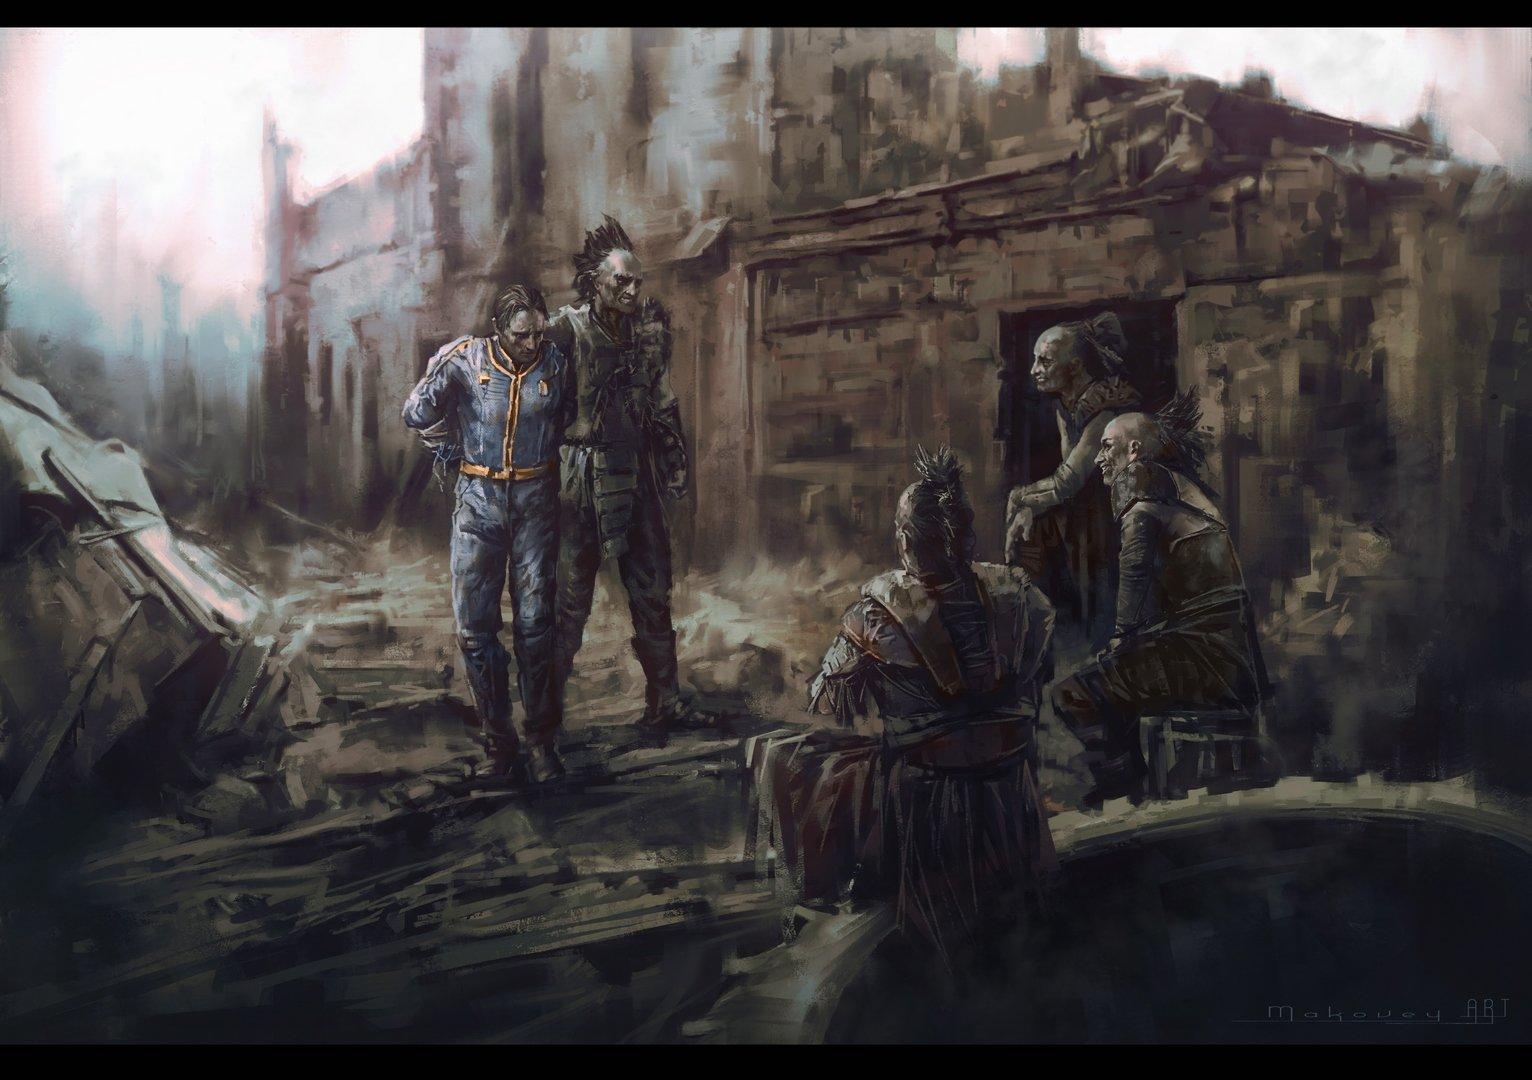 ArtStation - Raider's wasteland. №3, Mark Makovey